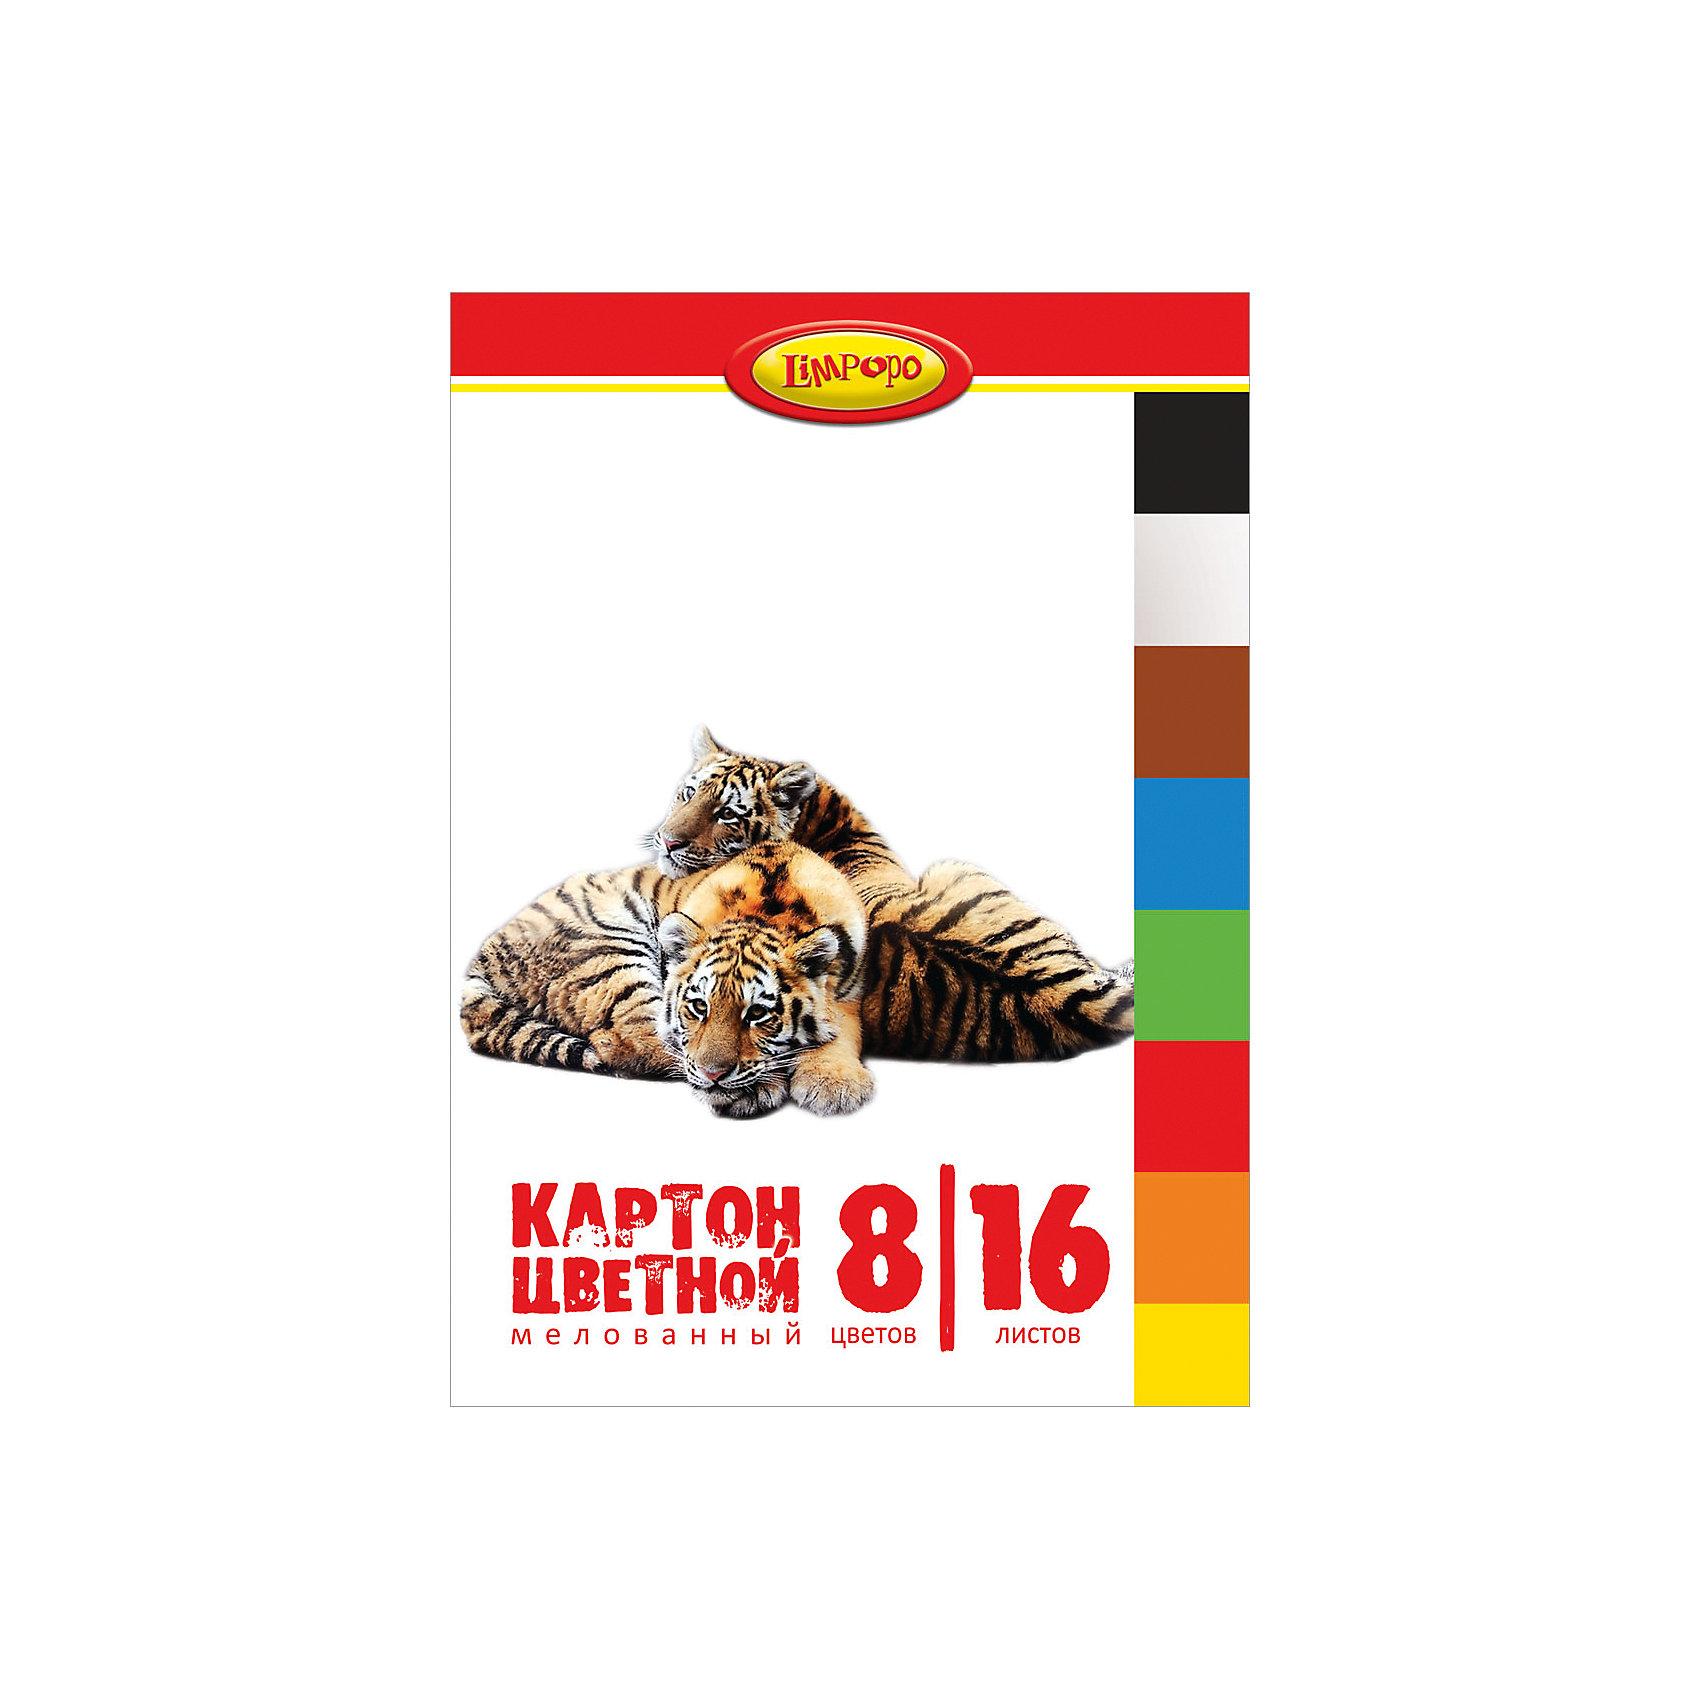 Цветной картон А4 Хищники 8 цветов, 16 листовЦветной картон Хищники - это отличный материал для детского творчества, поделок и аппликаций. В комплект входят 16 листов мелованного цветного картона 8 цветов. Листы упакованы в папку с изображениями очаровательных тигров.<br><br>Дополнительная информация:<br><br>- В комплекте: 16 листов 8 цветов.<br>- Материал: картон, бумага.<br>- Формат: A4. <br>- Размер: 30 х 0,5 х 21 см.<br>- Вес: 218 гр.<br><br>Цветной картон А4 Хищники 8 цветов, 16 листов, можно купить в нашем интернет-магазине.<br><br>Ширина мм: 5<br>Глубина мм: 300<br>Высота мм: 210<br>Вес г: 218<br>Возраст от месяцев: 48<br>Возраст до месяцев: 96<br>Пол: Унисекс<br>Возраст: Детский<br>SKU: 4131221